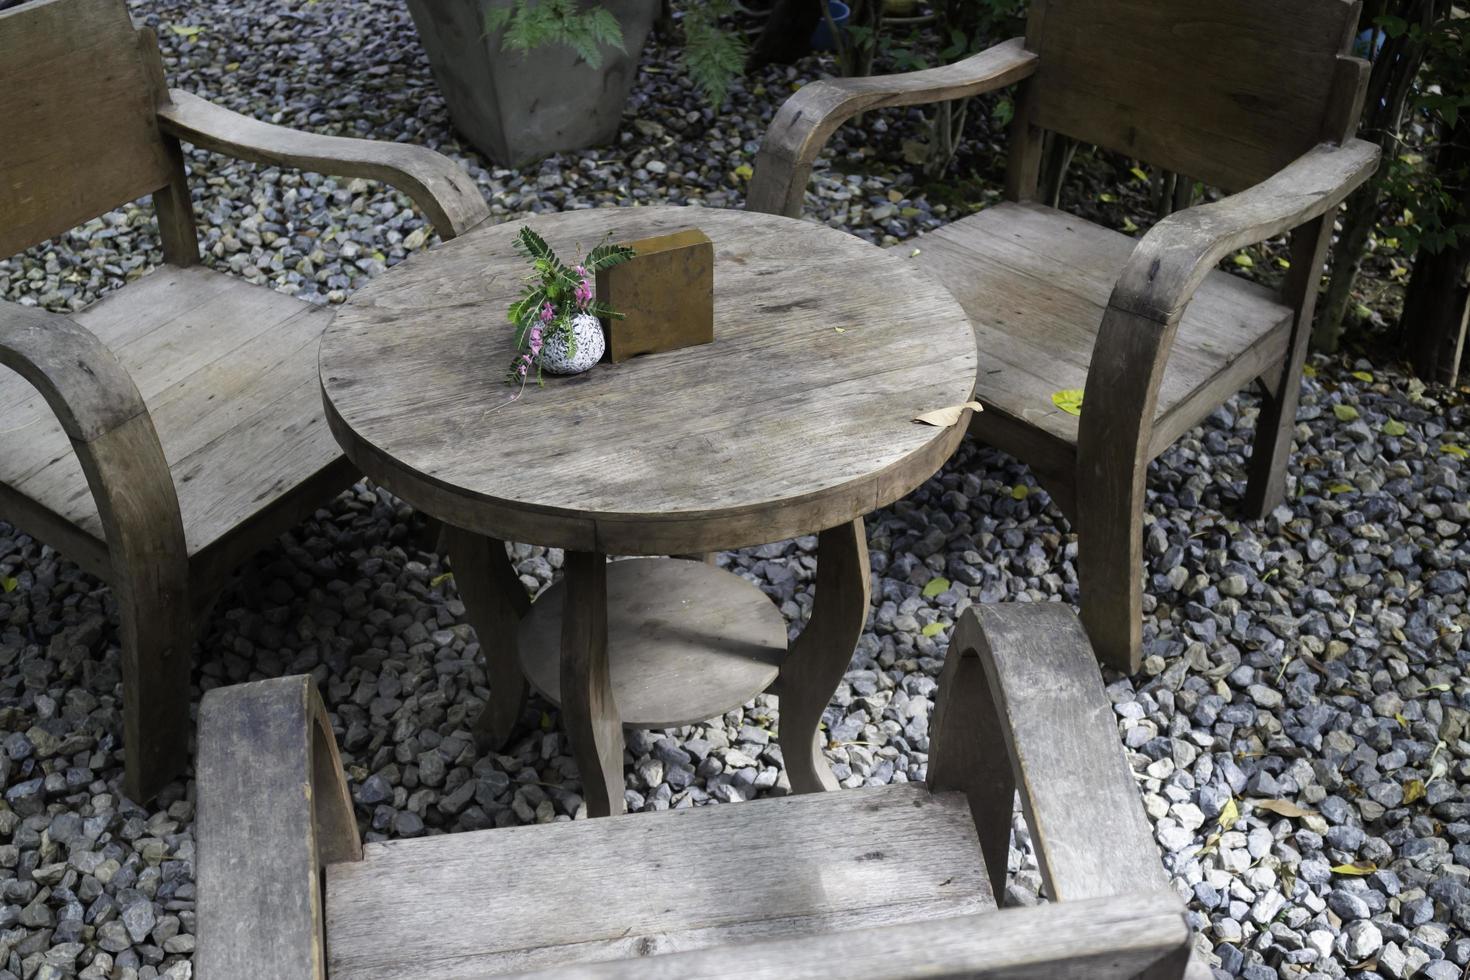 träbord i en trädgård foto